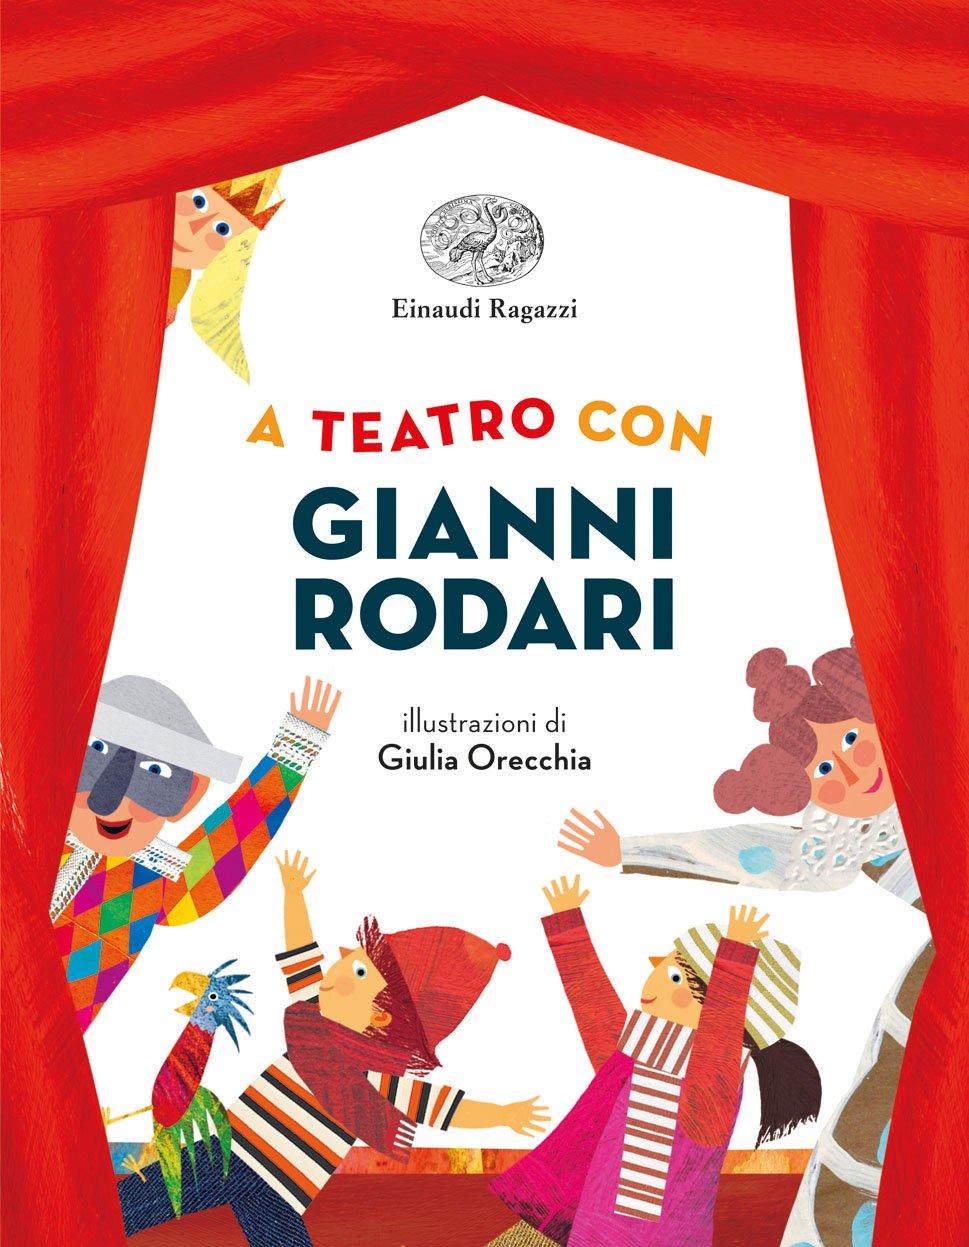 Fare teatro per bambini e ragazzi, partendo dalla loro esperienza, dalle loro invenzioni, dalle loro parole. Questo il progetto che negli anni '70 appassionò Gianni Rodari, inducendolo a impegnarsi in una sperimentazione che coinvolse genitori, insegnanti, uomini di teatro.  Età di lettura: da 8 anni.